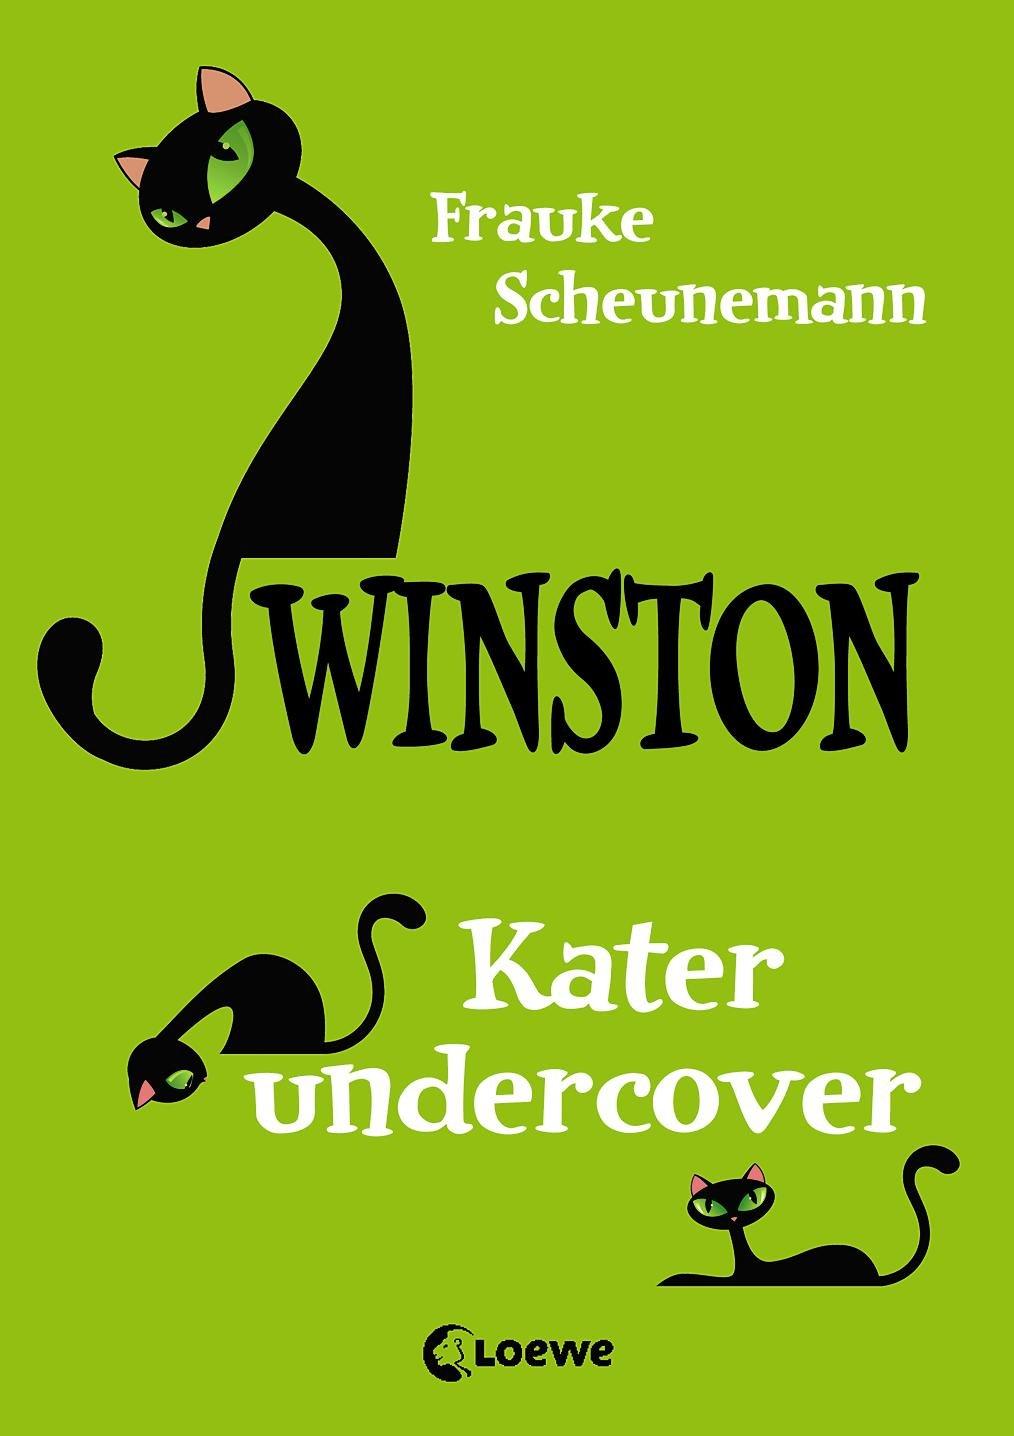 Winston - Kater undercover rahvaluule iiri haldjalegende ja muinasjutte